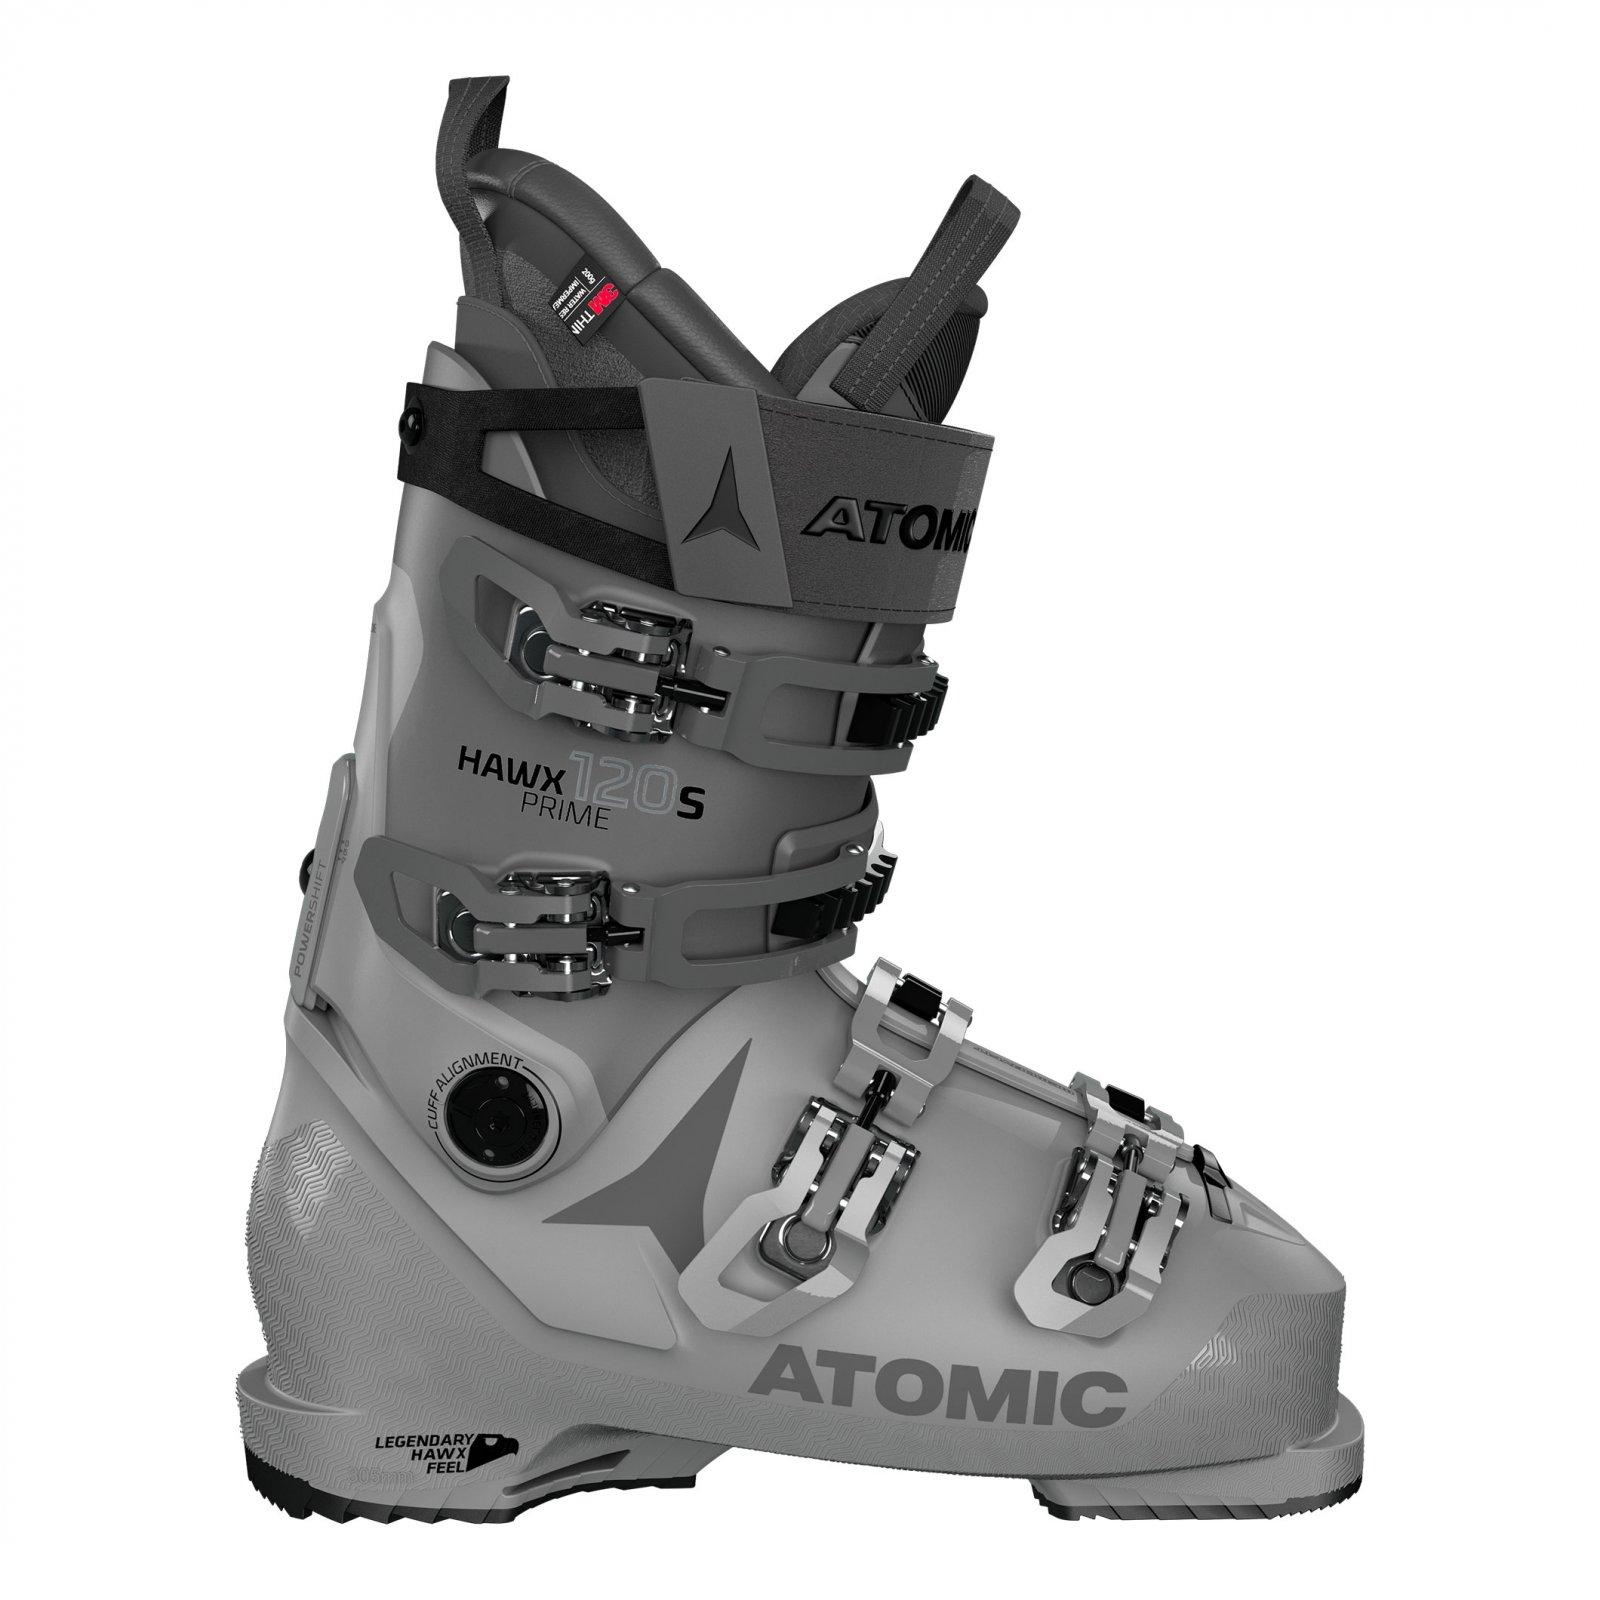 2021 Atomic Hawx Prime 120 S Men's Ski Boots